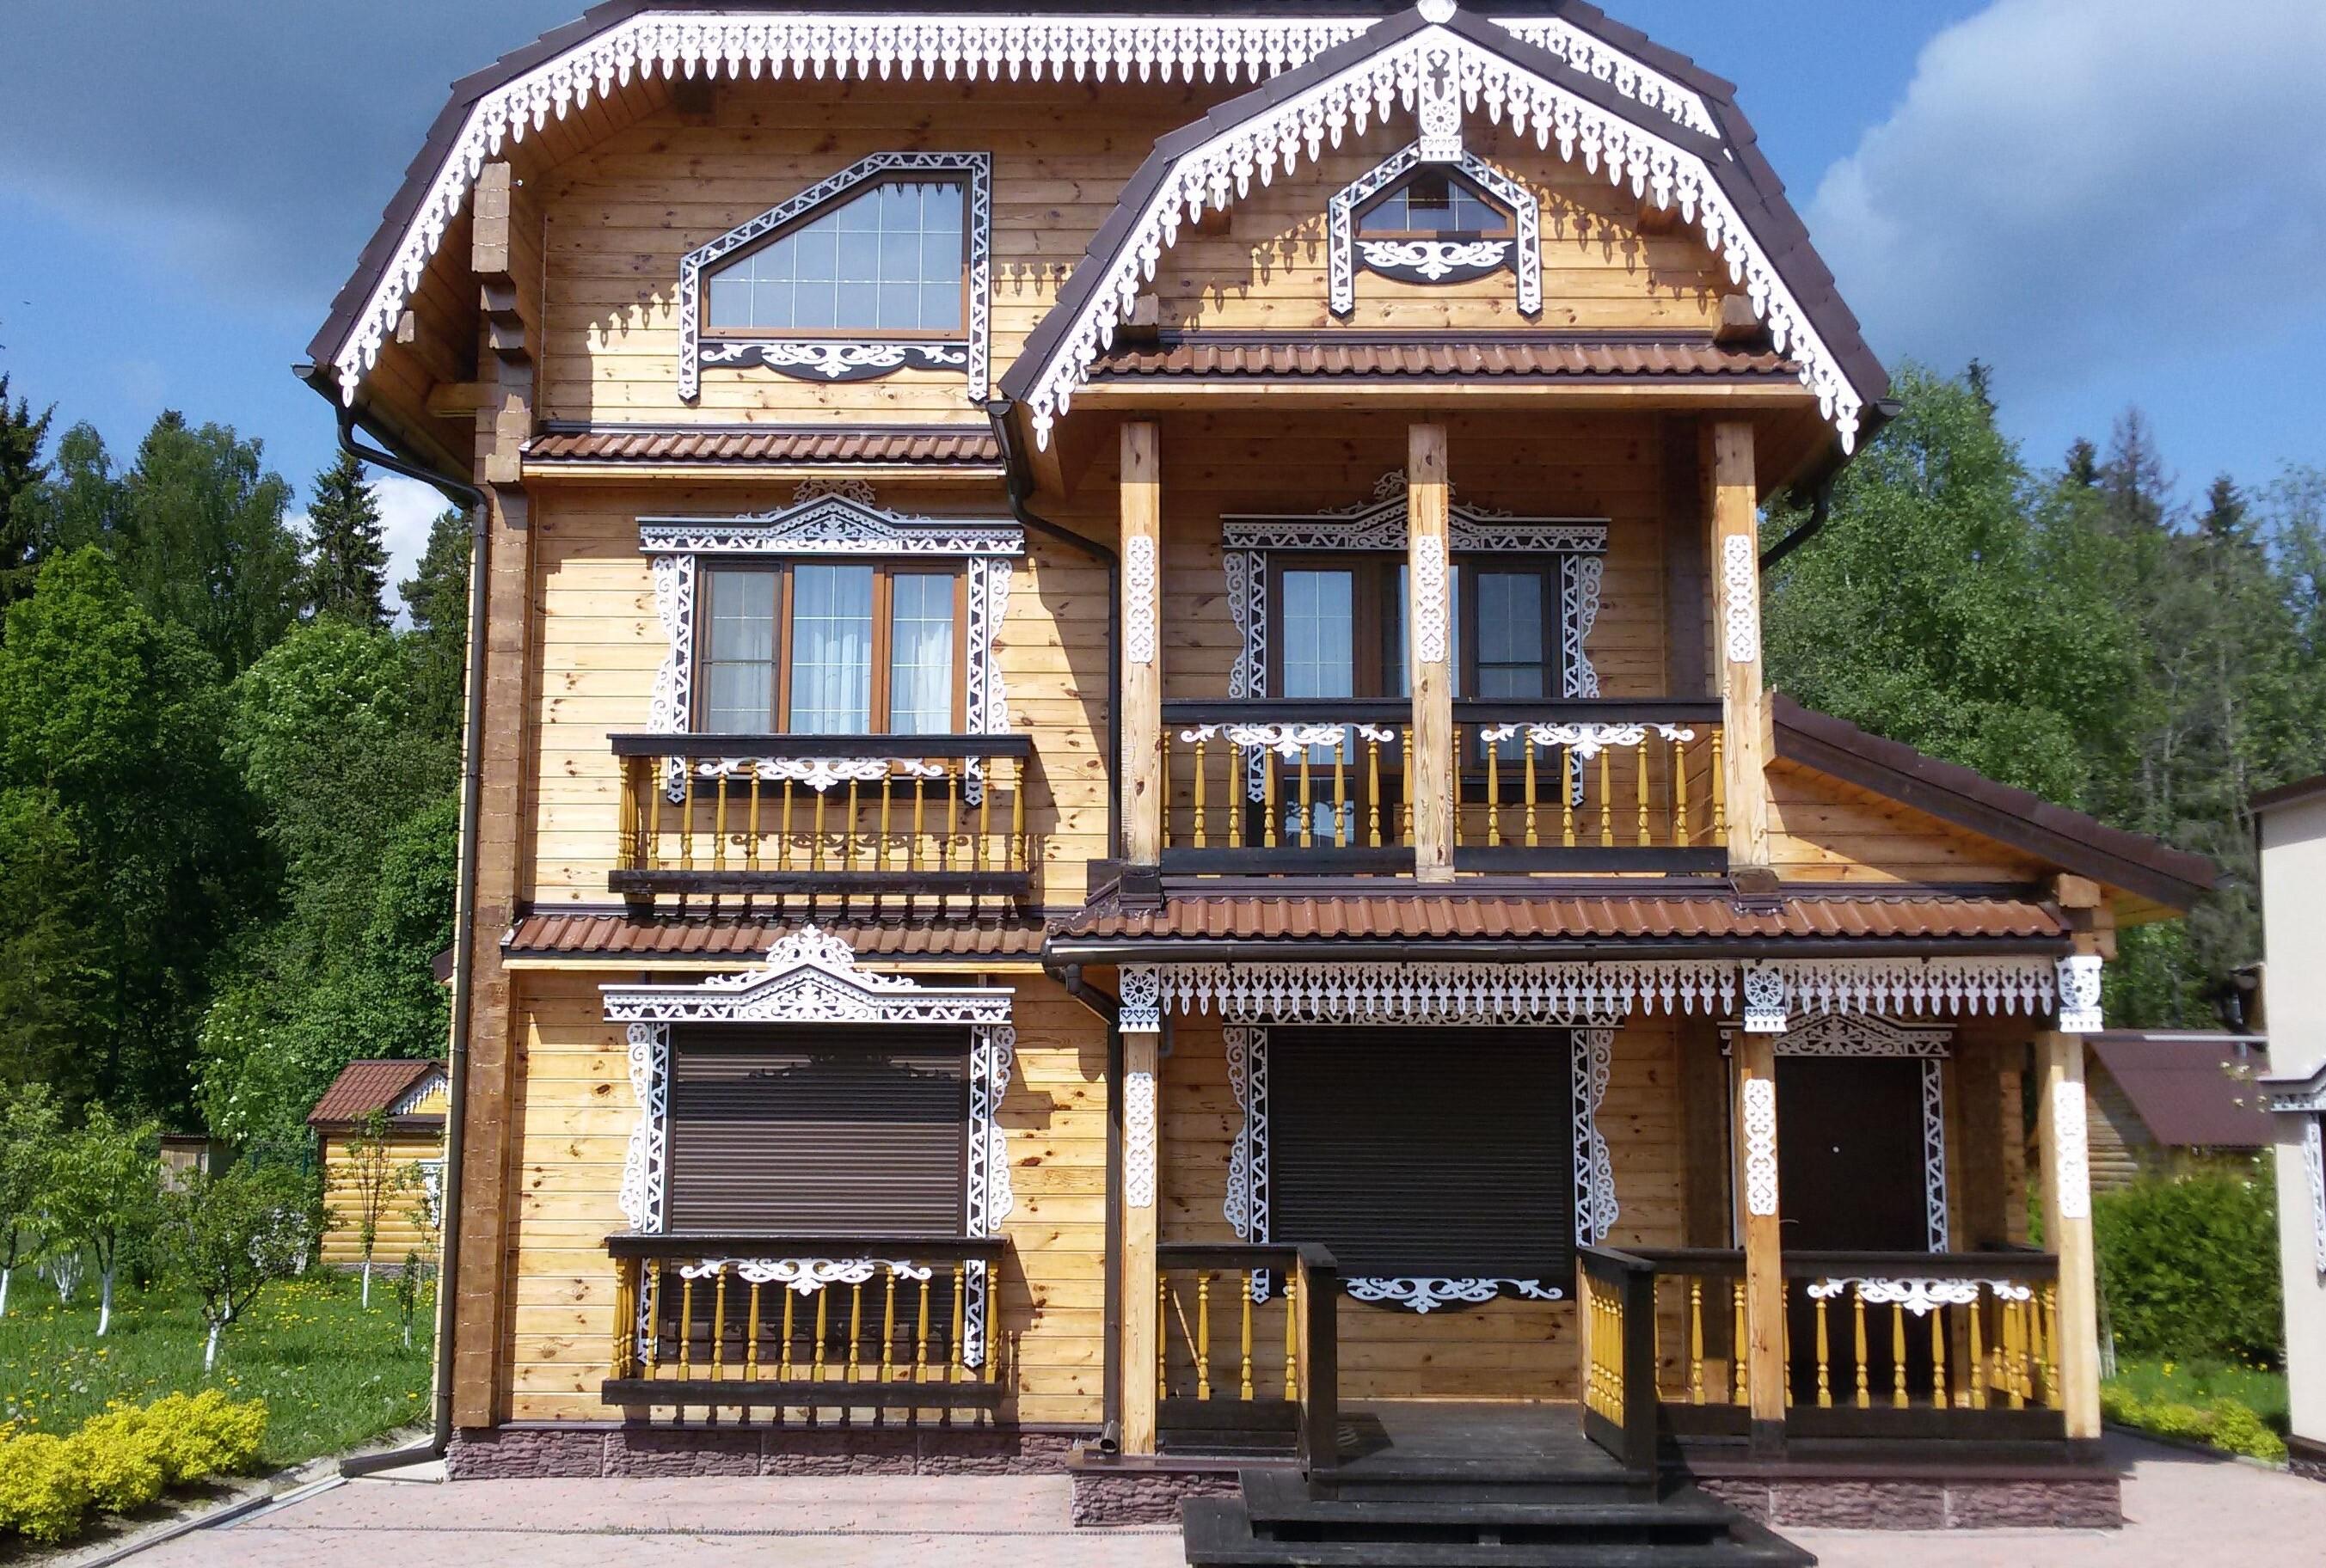 Резные наличники на окна в деревянном доме: мастерим и устанавливаем своими руками